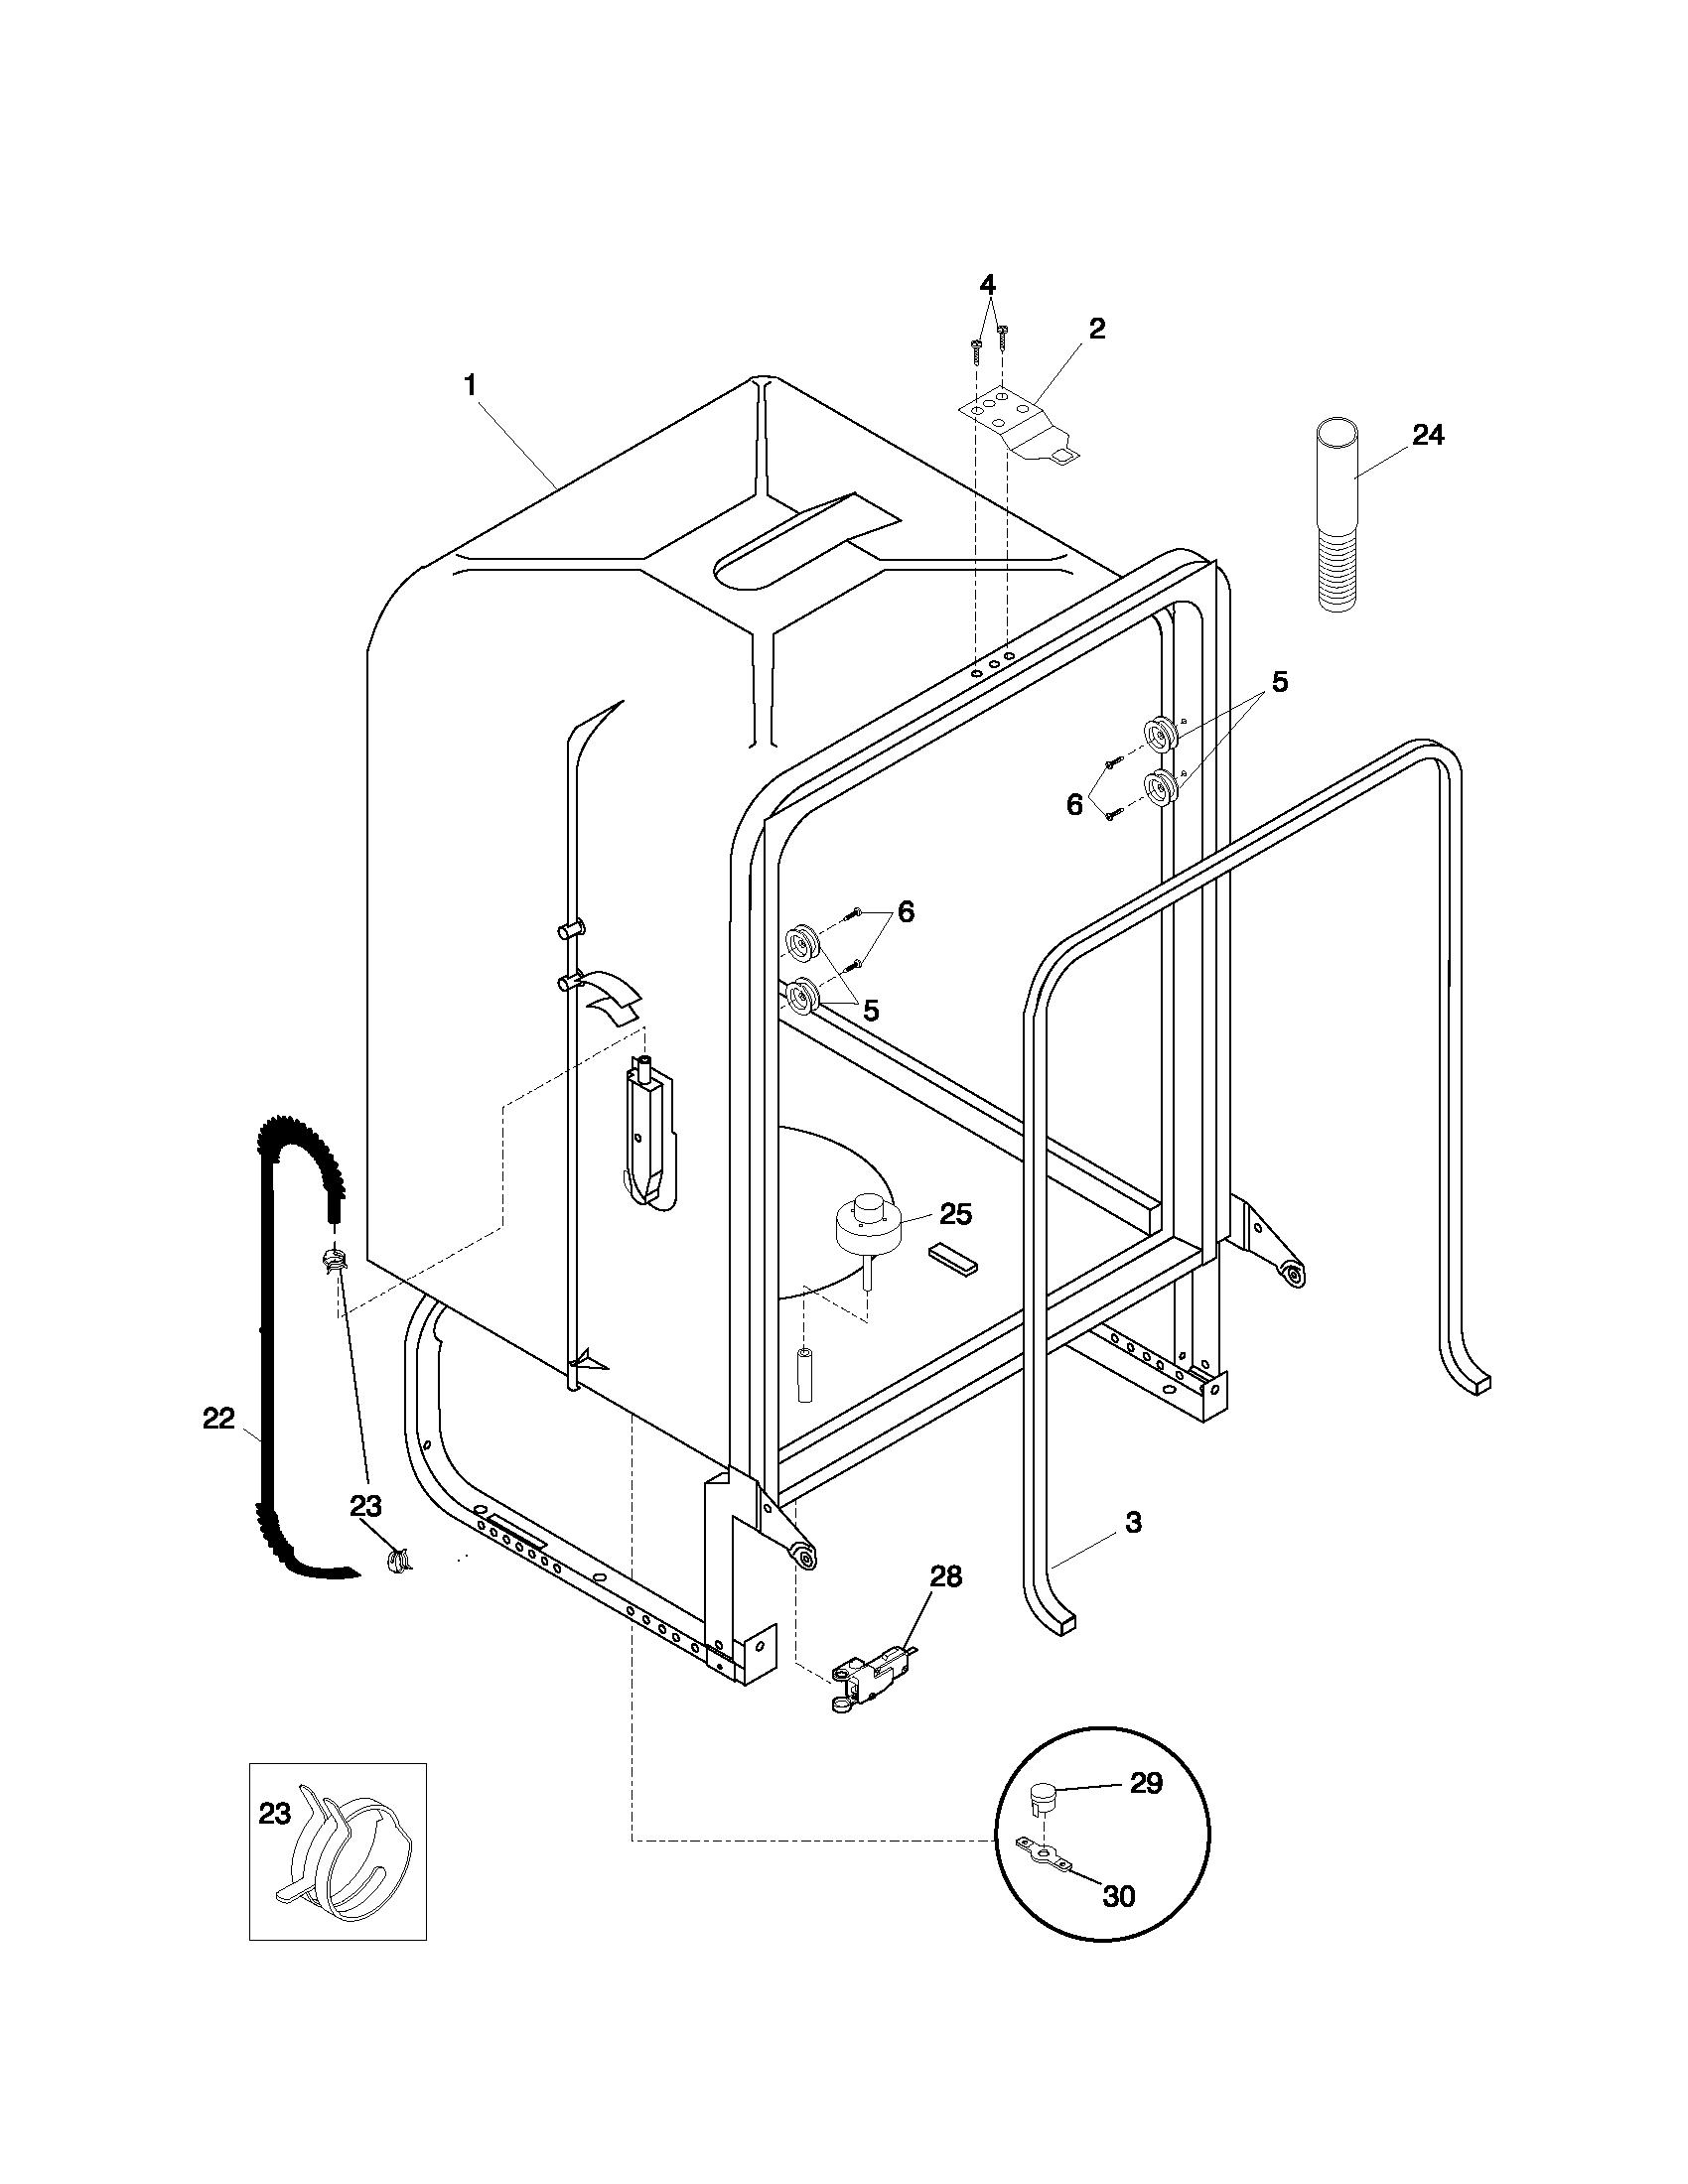 Frigidaire Dishwasher Schematic Diagram Trusted Wiring Diagram \u2022  Frigidaire Dishwasher Door Schematic Frigidaire Ultra Quiet Dishwasher  Wiring Diagram